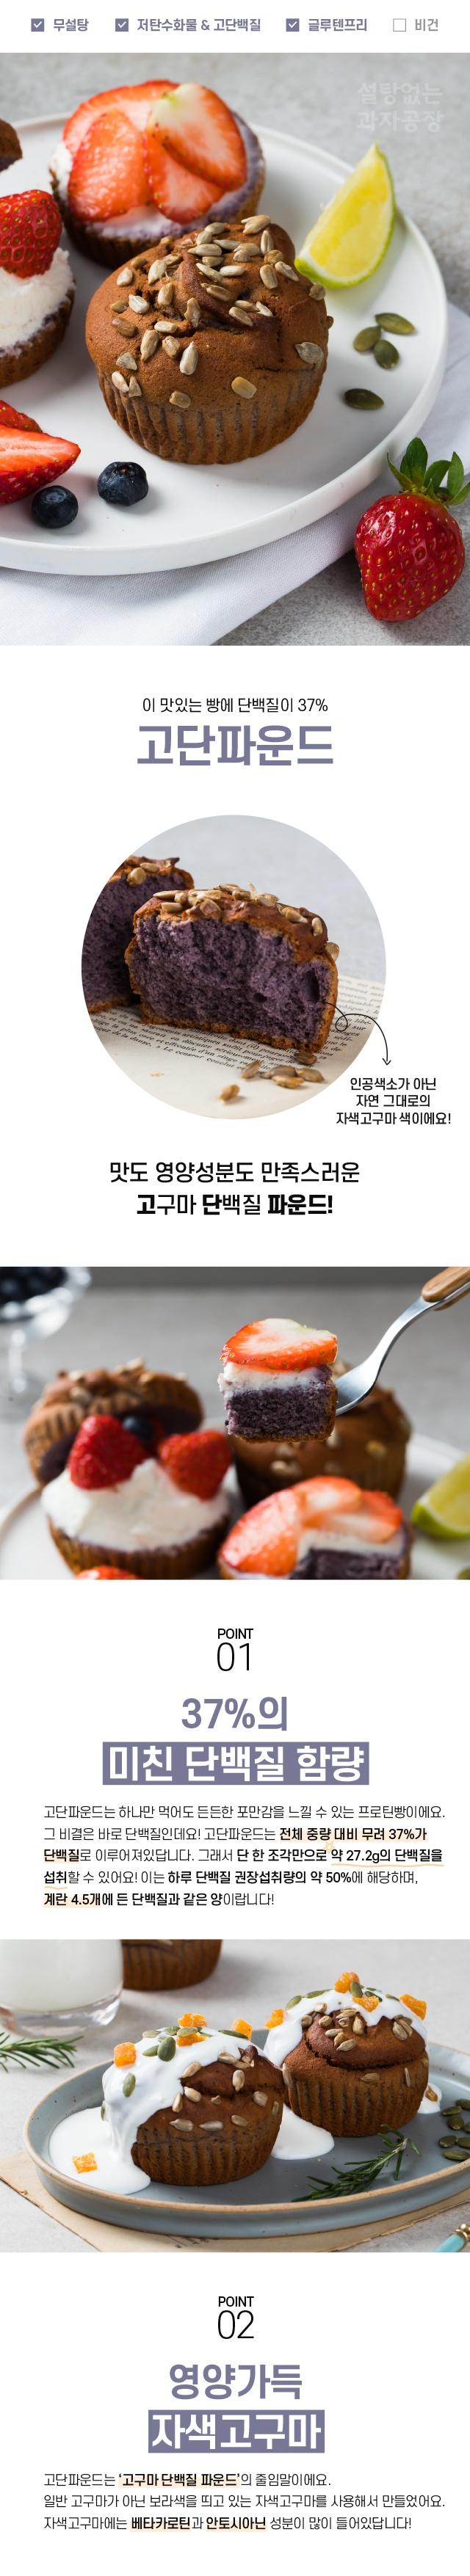 설탕없는 과자공장 파운드케이크 체험단 모집 (06.29~07.12)